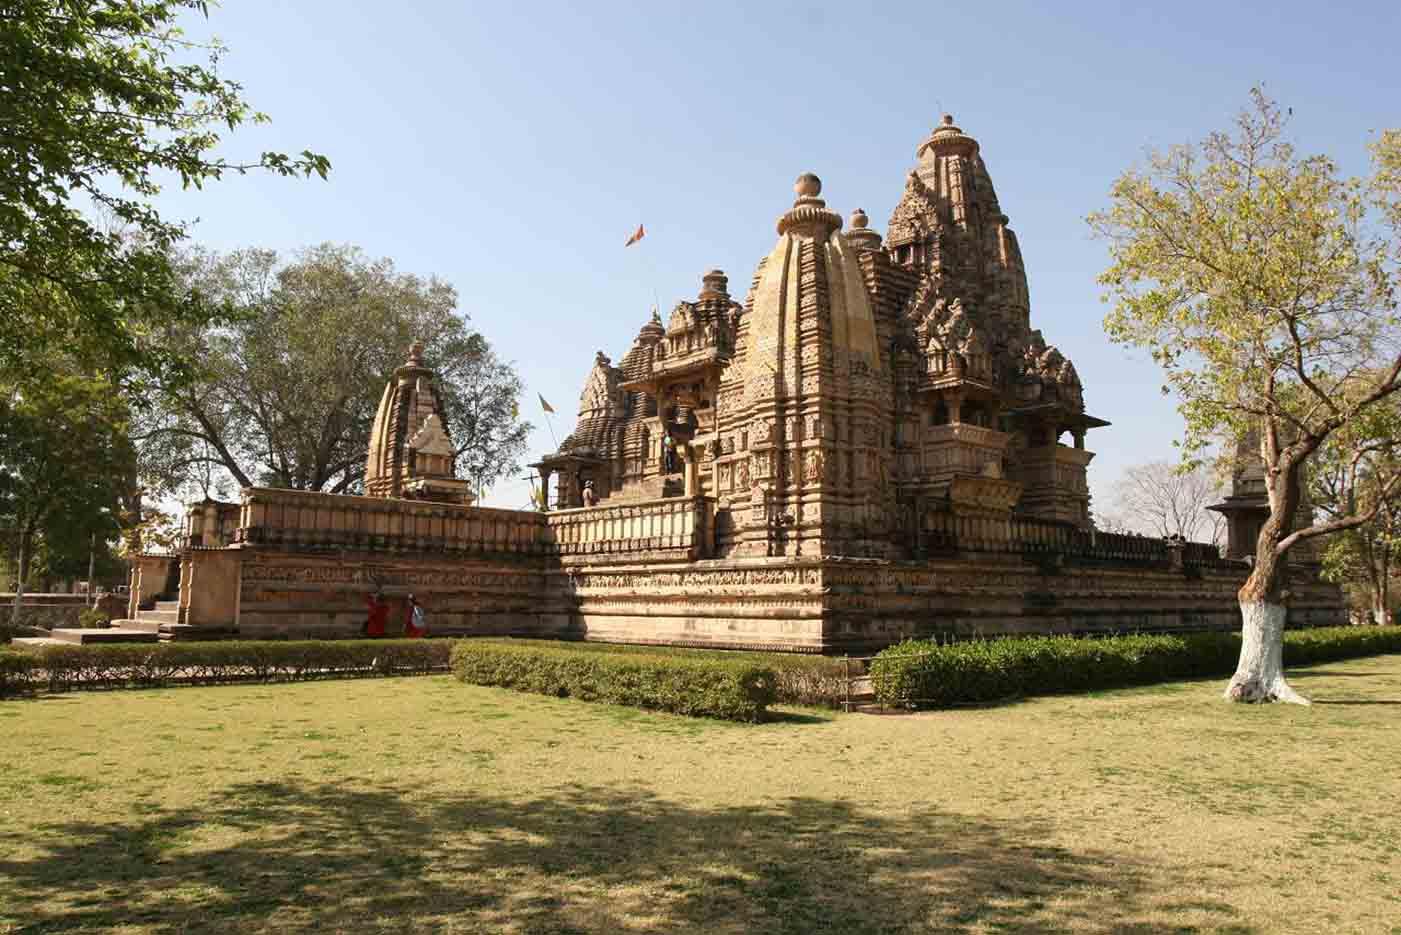 Храмы Кхаджурахо, Khajuraho Temples - 12